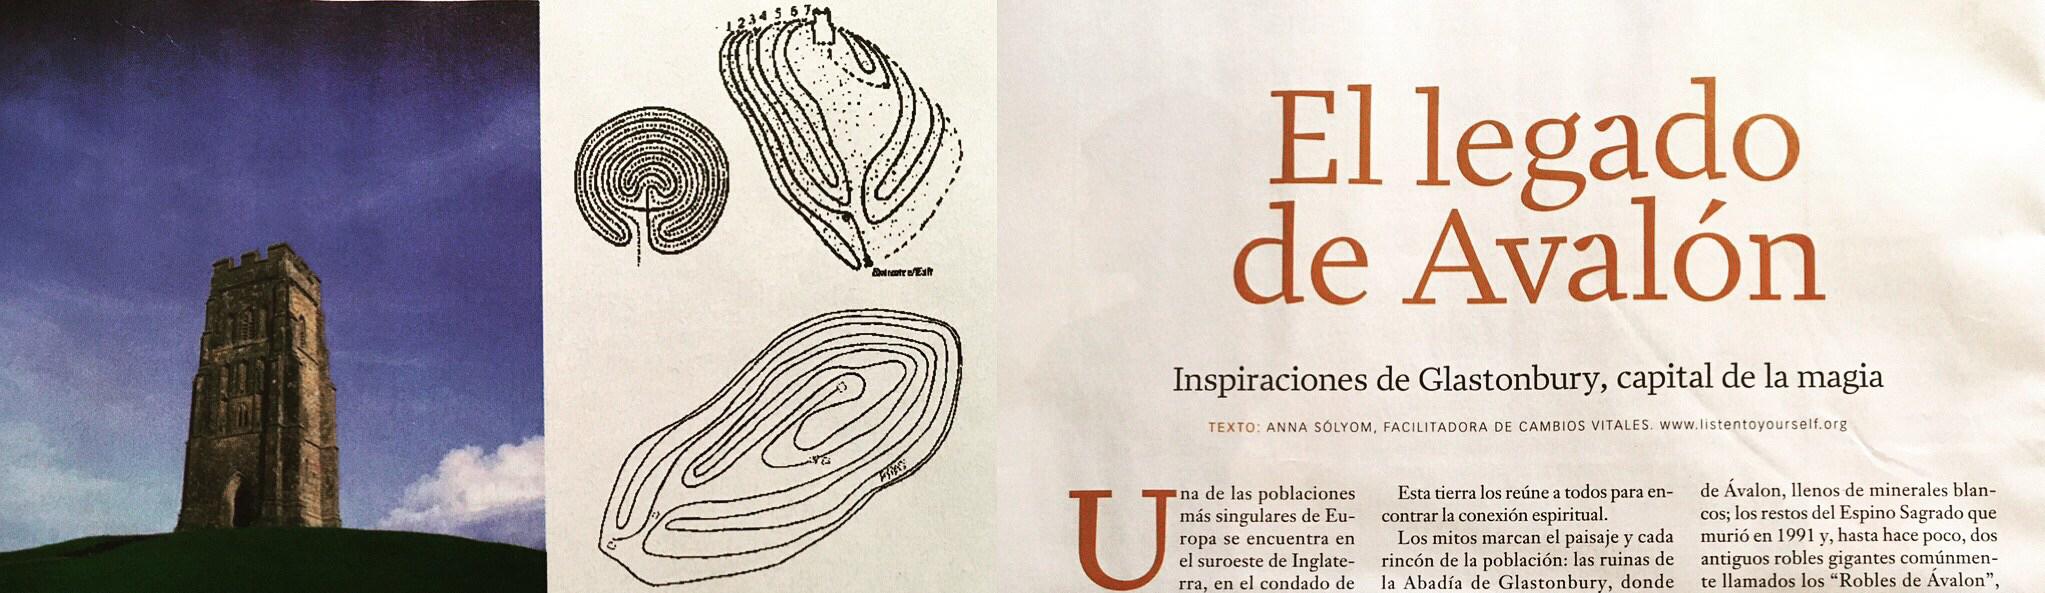 Integral #450: El legado de Avalón